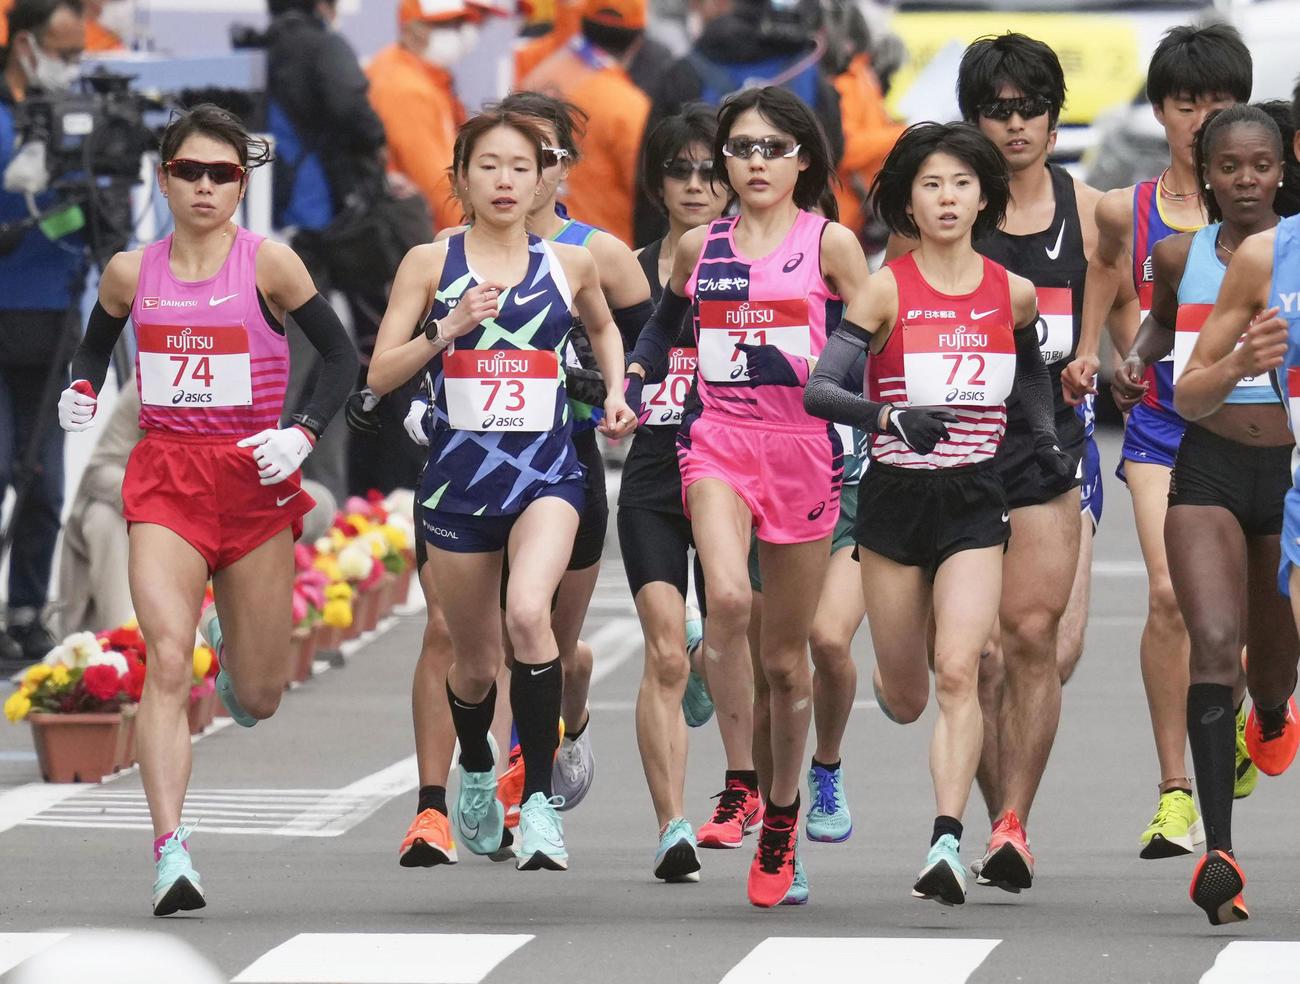 東京五輪のテスト大会となる「札幌チャレンジハーフマラソン」の女子でスタートし、力走する、前列左から松田、一山、前田、鈴木(代表撮影)